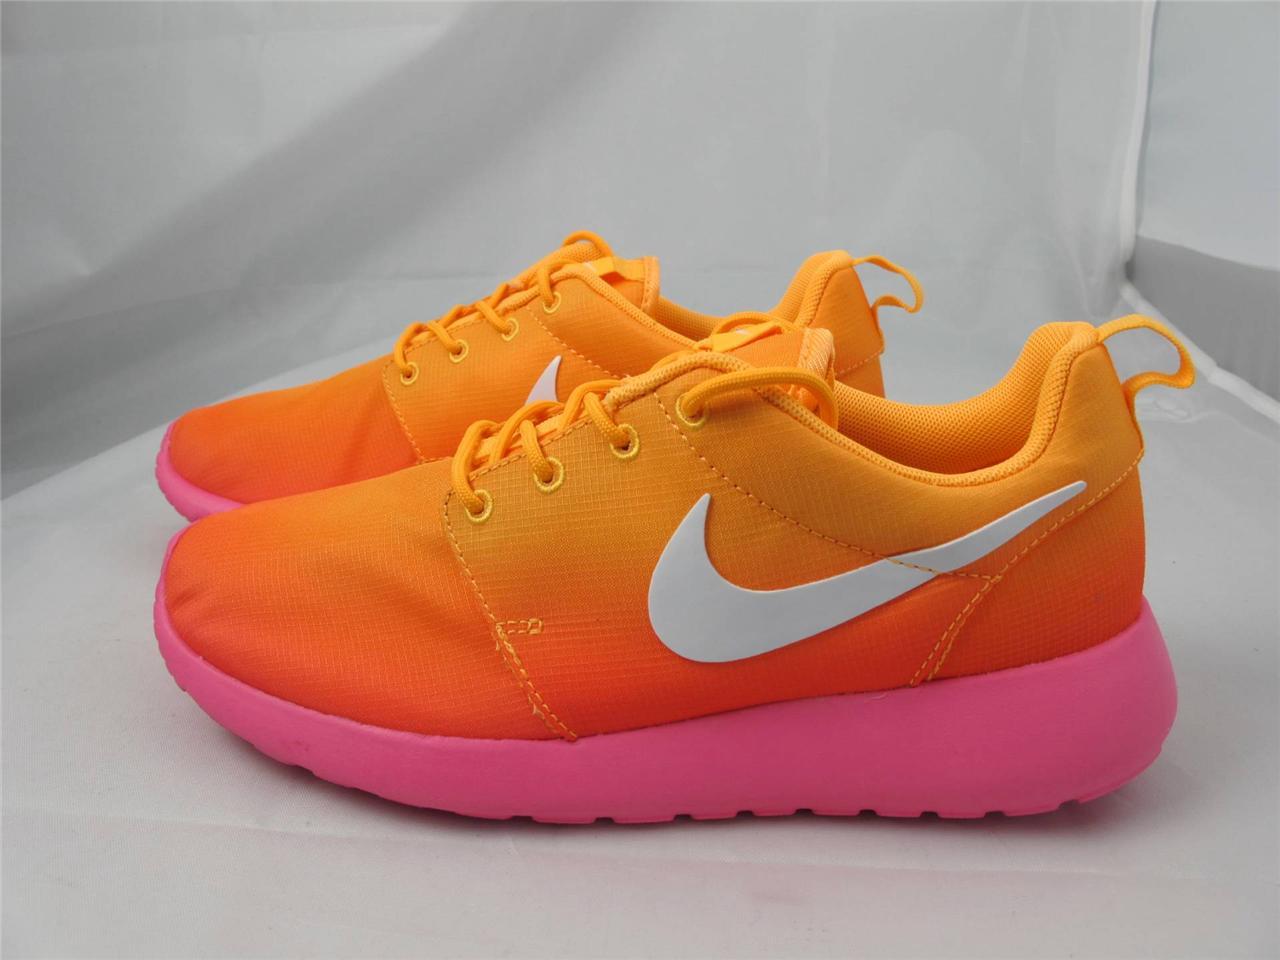 roshe run orange and pink